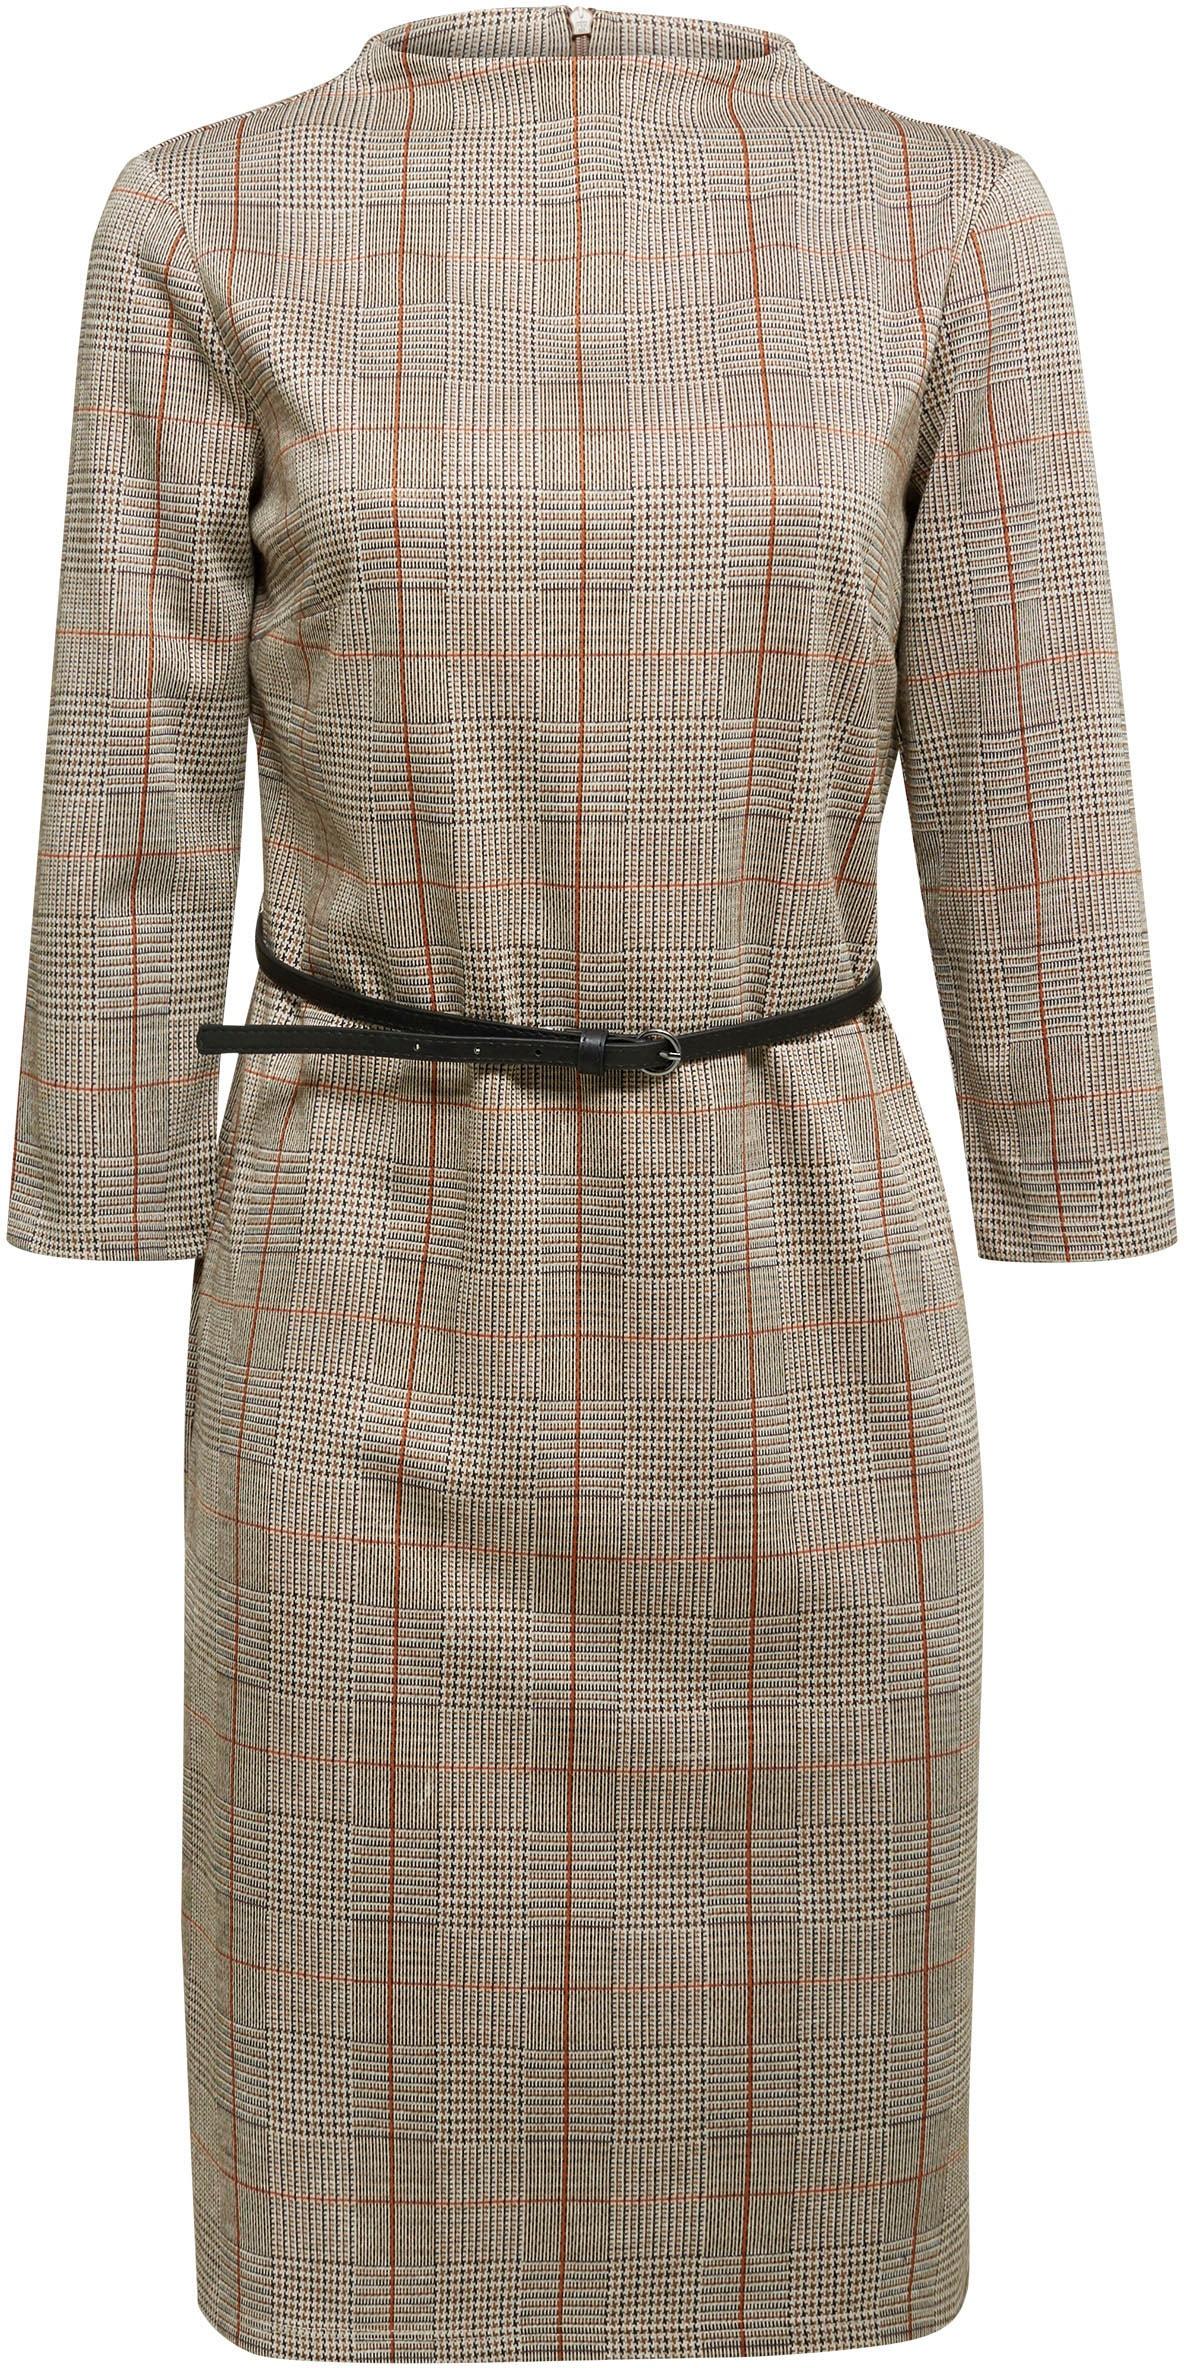 esprit collection jerseykleid, (2 tlg., mit abnehmbarem gürtel), mit  kleinem stehkragen und karo-muster